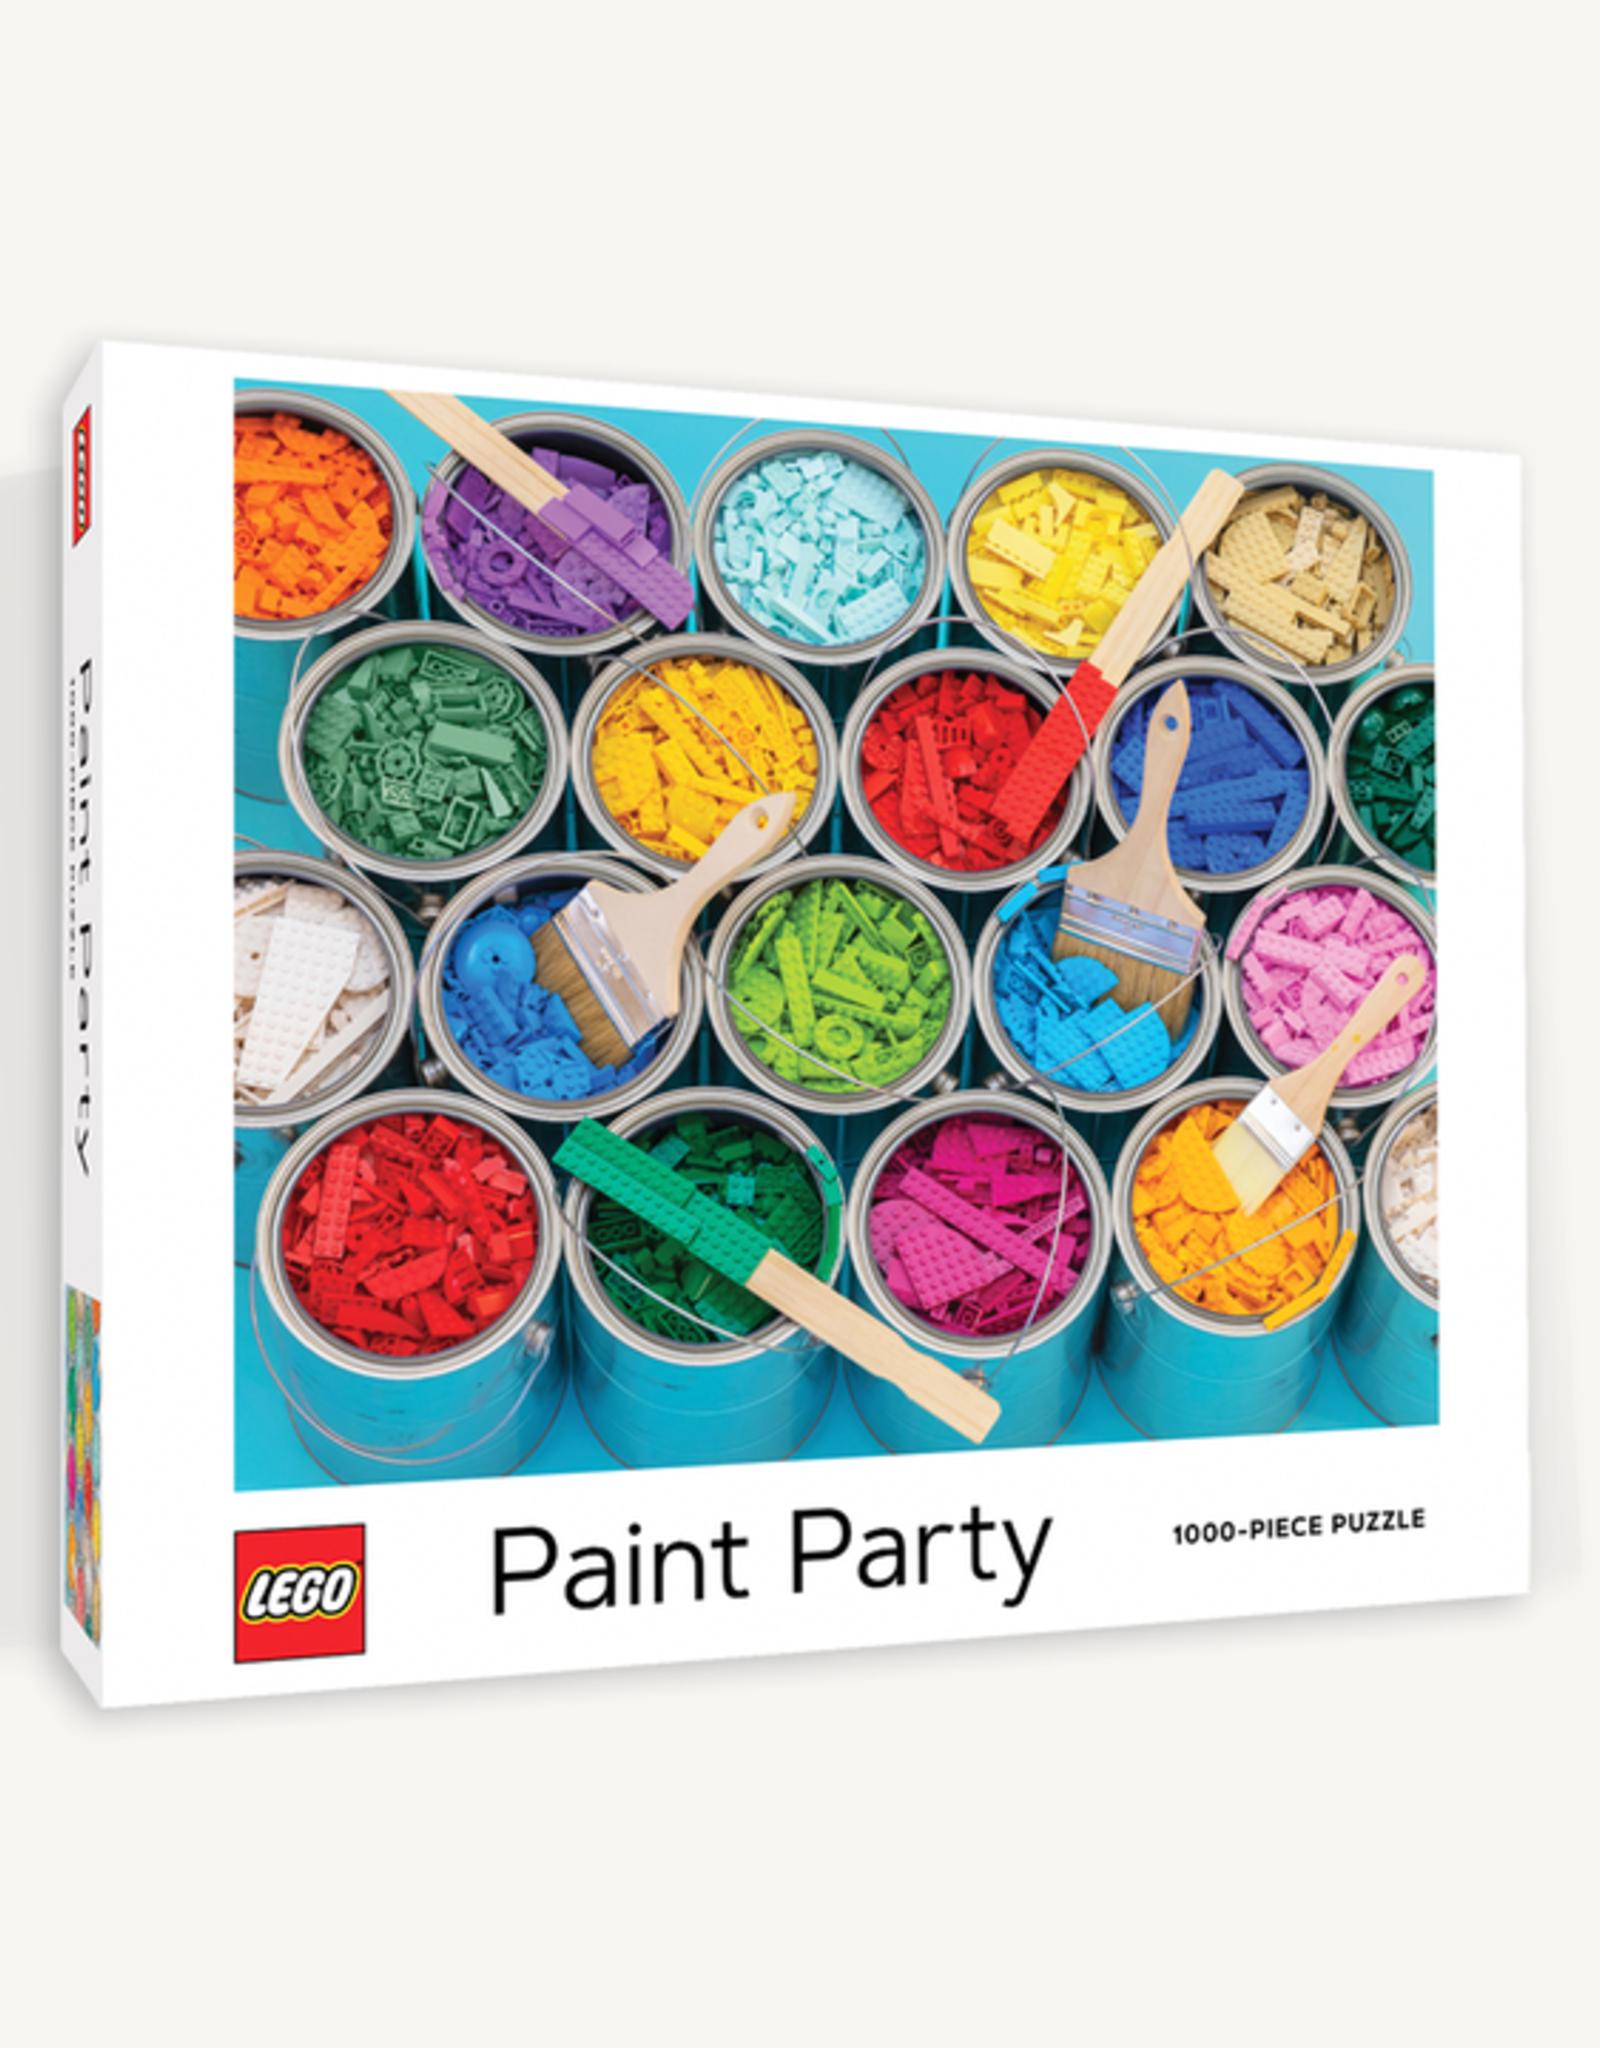 Lego Lego Paint Party 1000pc Puzzle